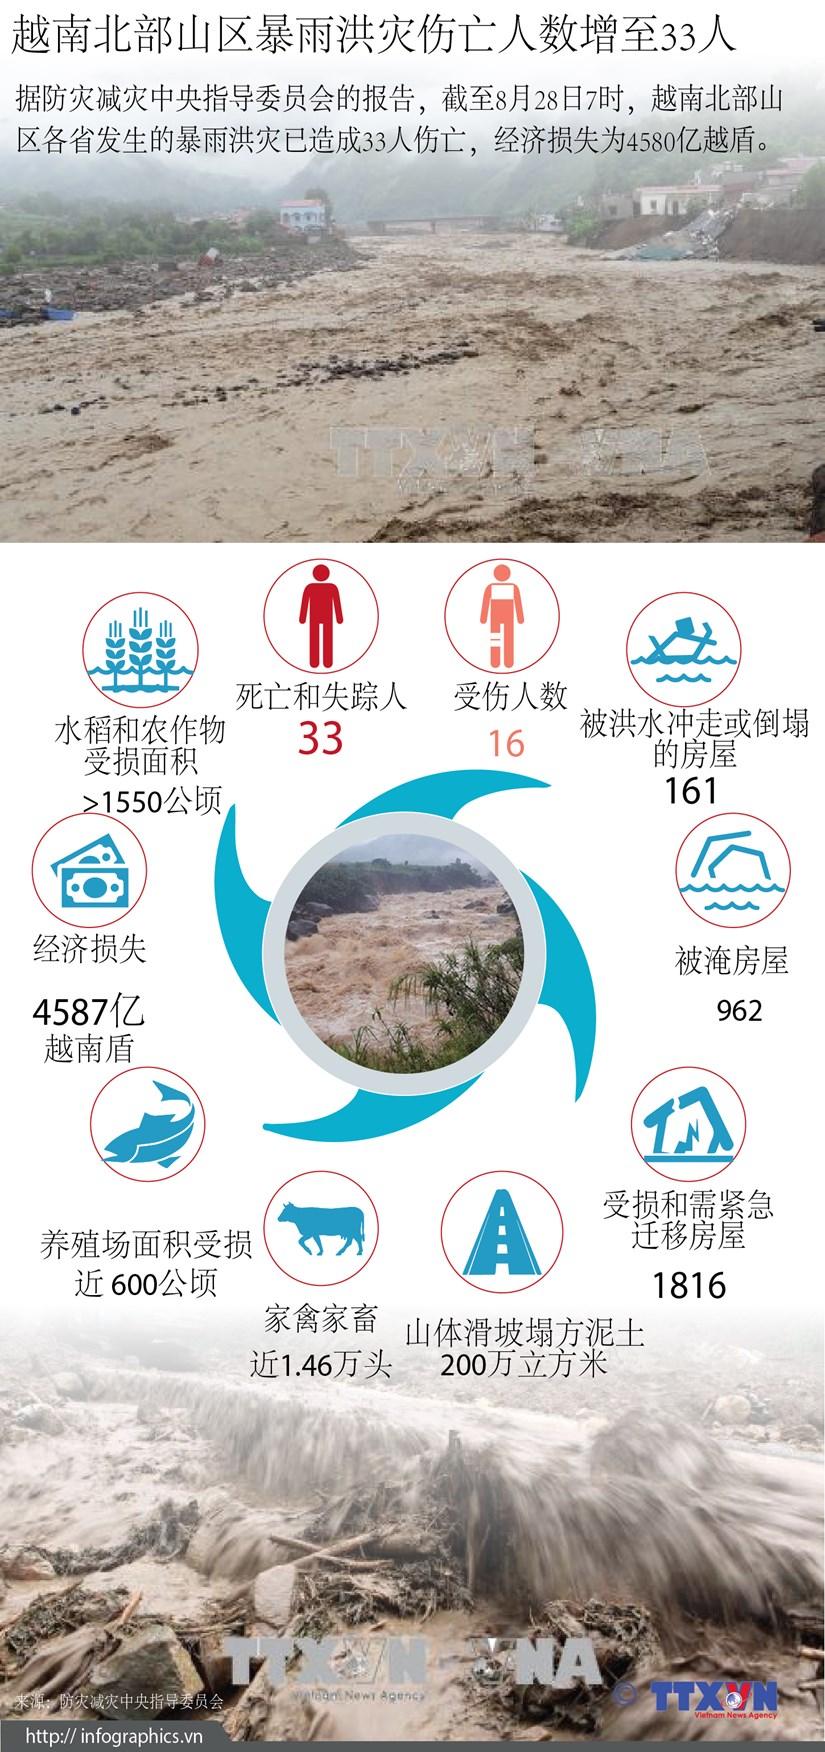 图表新闻:越南北部山区暴雨洪灾伤亡人数增至33人 hinh anh 1